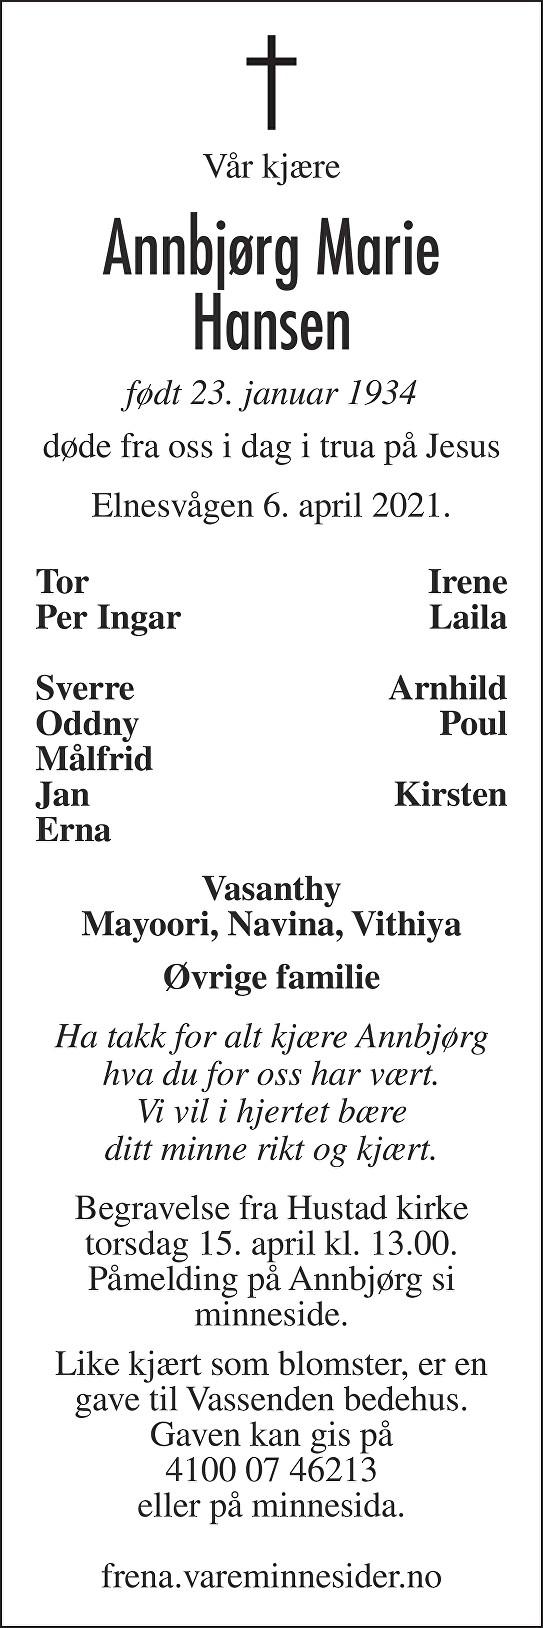 Annbjørg Marie Hansen Dødsannonse